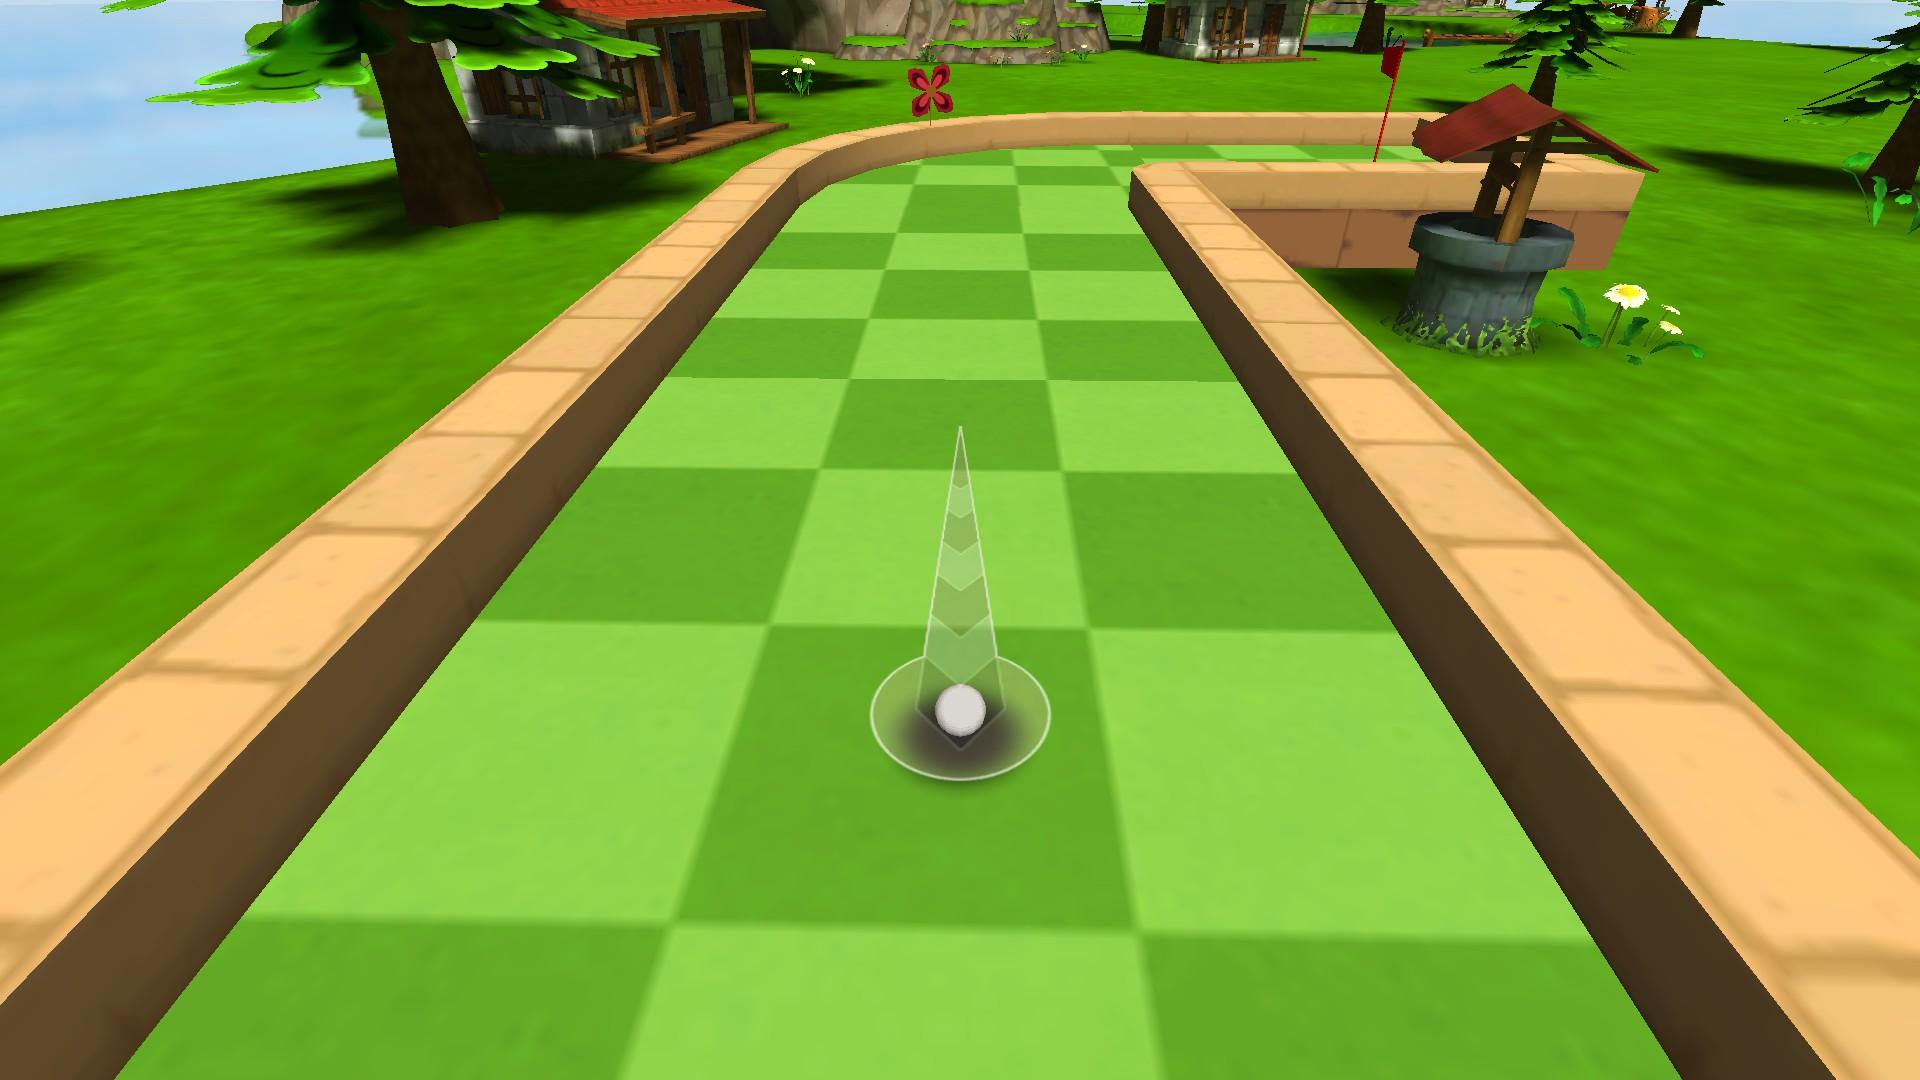 Pinwheel, Pinwheel spinning around. Hit it at me, and sink it in one...